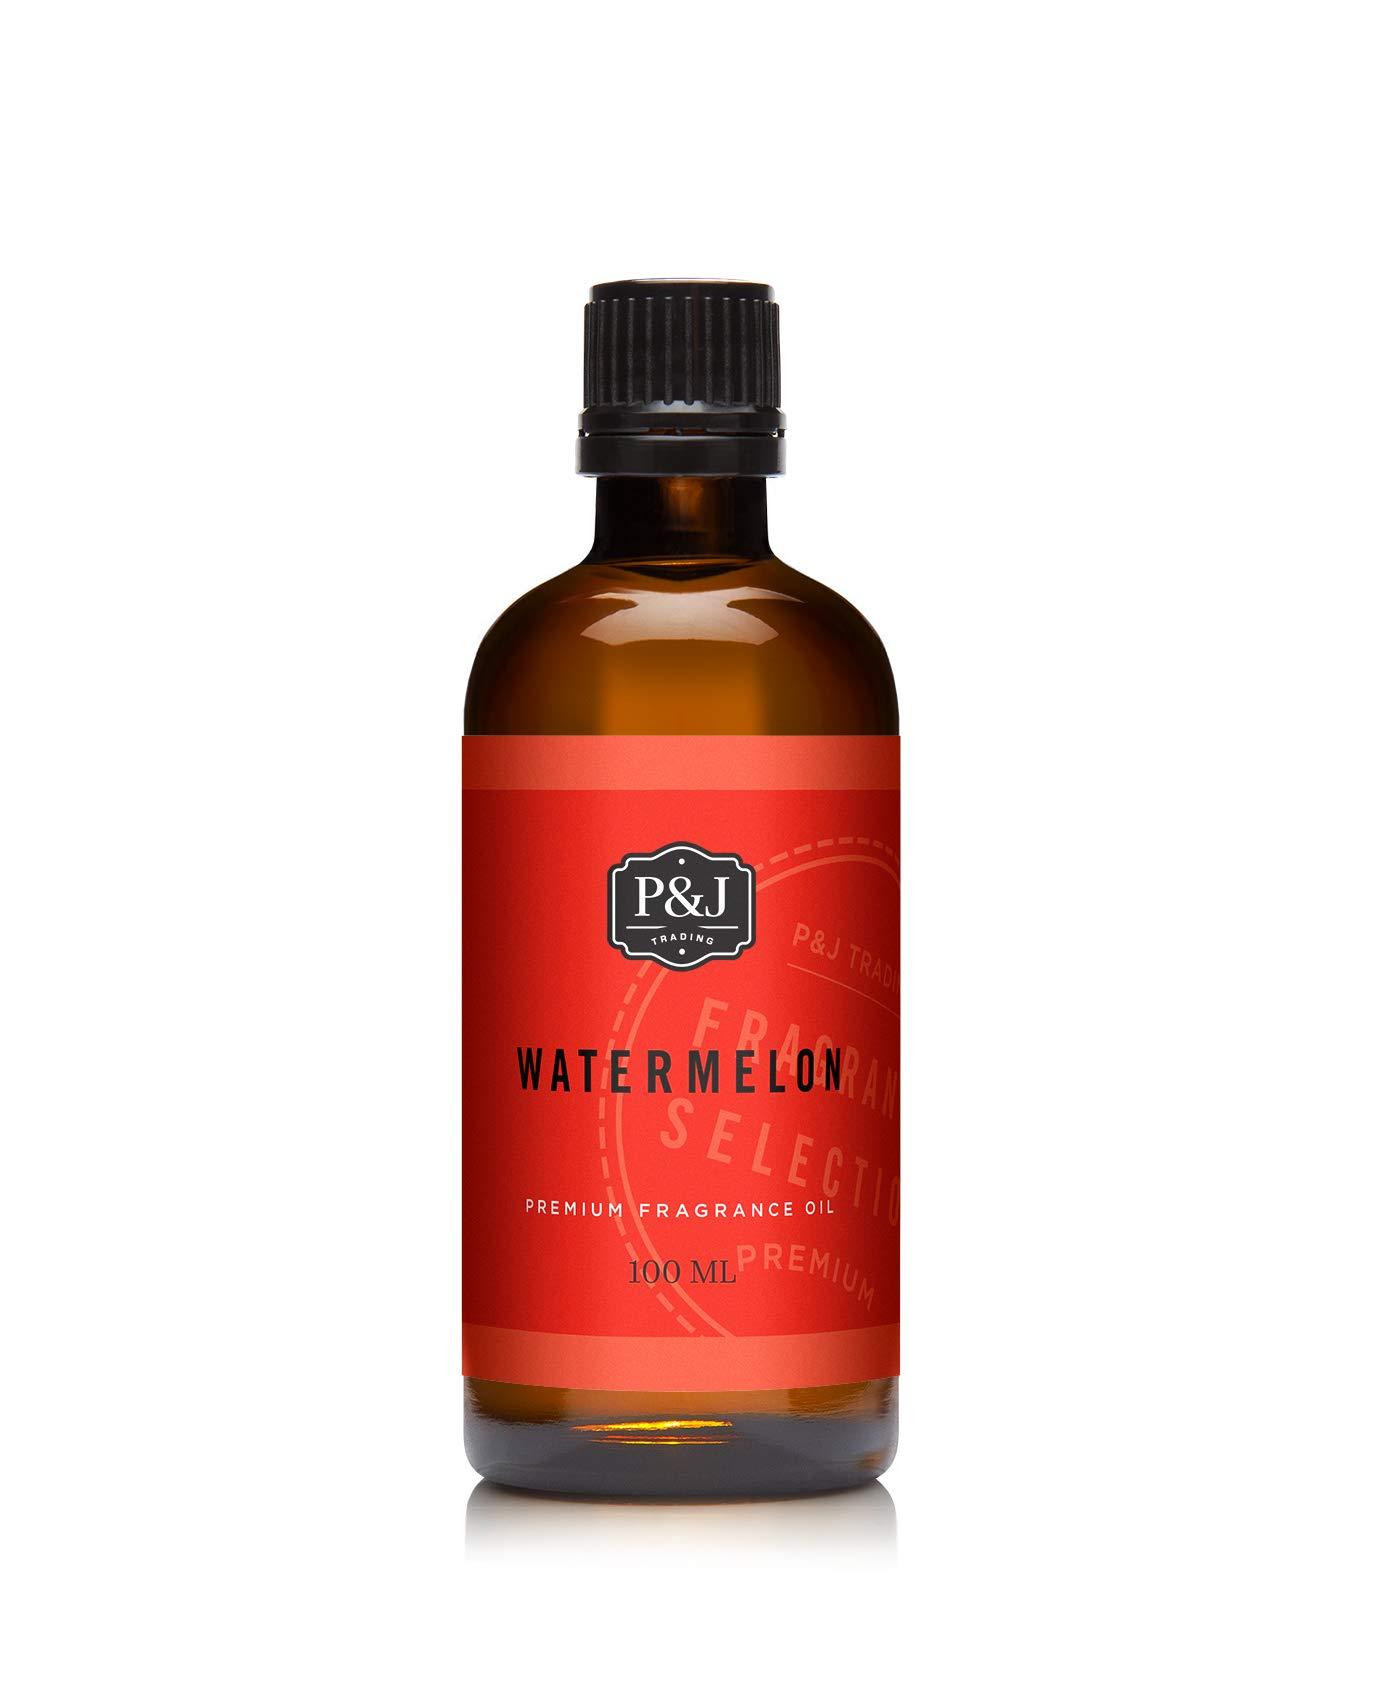 Watermelon Fragrance Oil - Premium Grade Scented Oil - 100ml